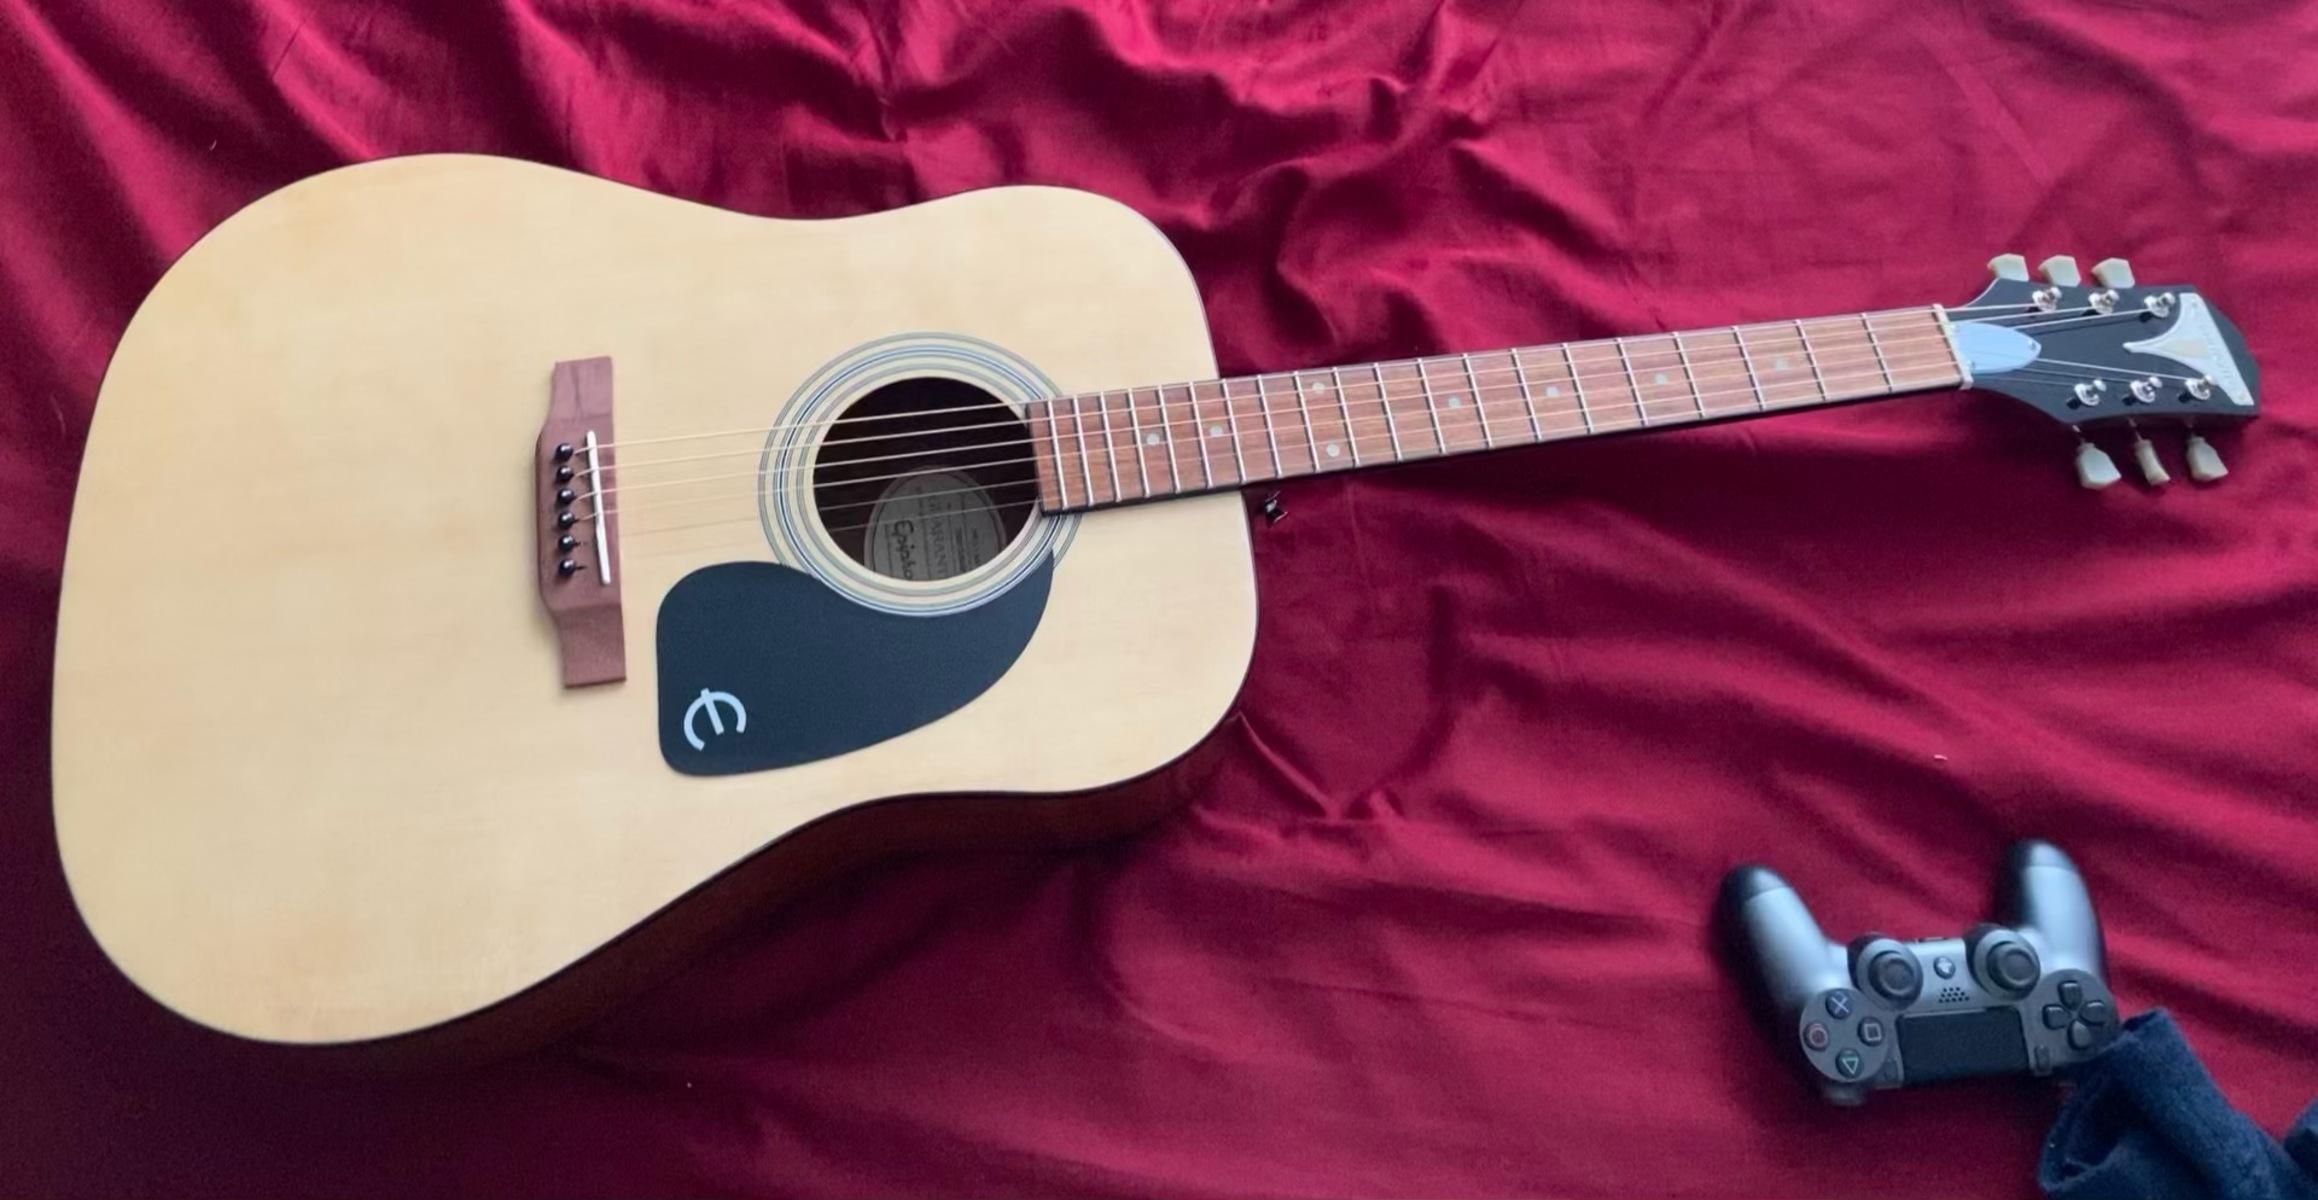 heartbreak1's guitar photo containing Epiphone PRO - 1 Acoustic